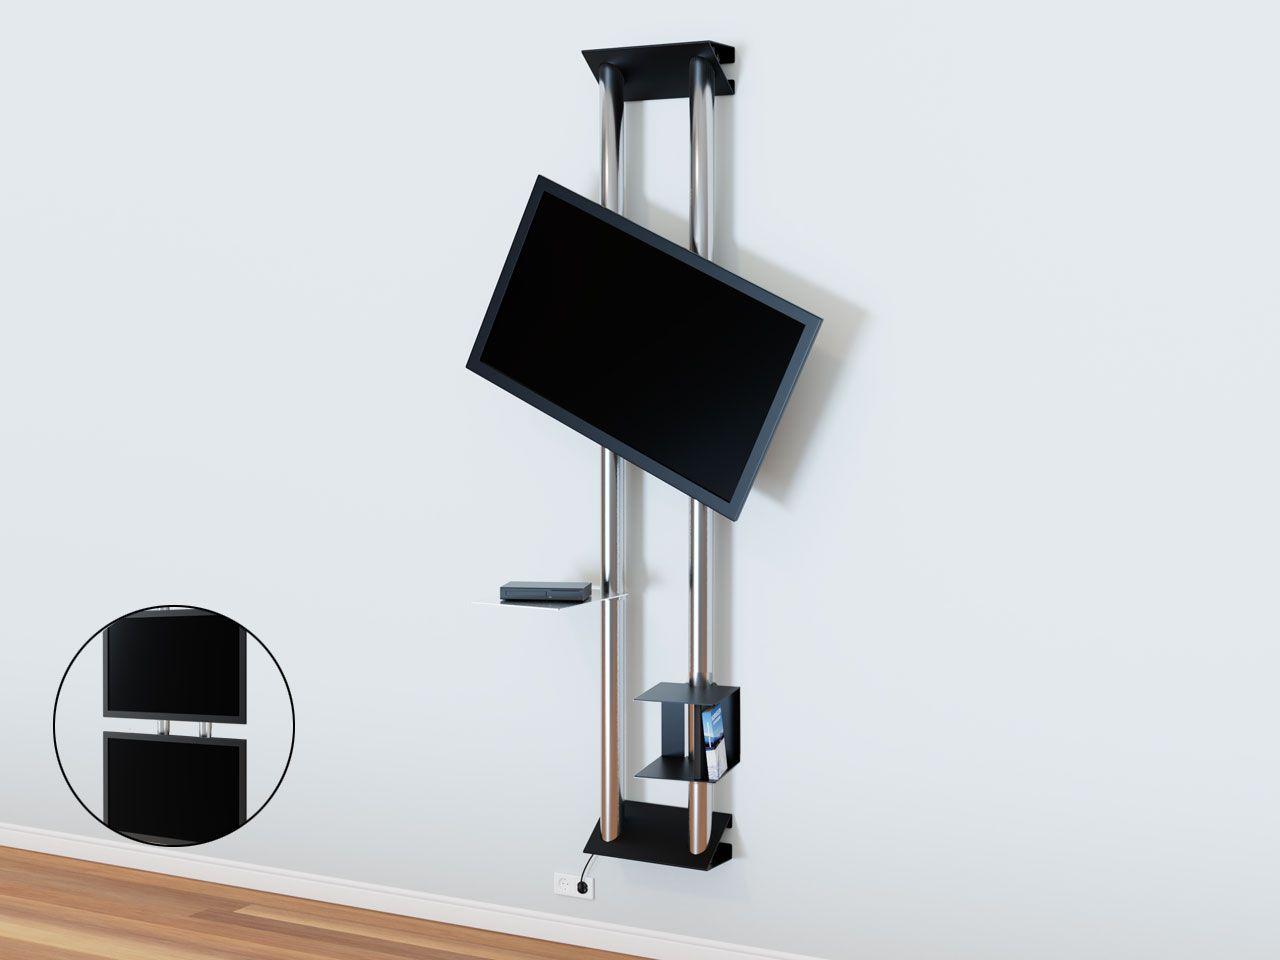 Design Tv Wandhalter Mit Ablage Cmb 277 Wandhalterung Halterung